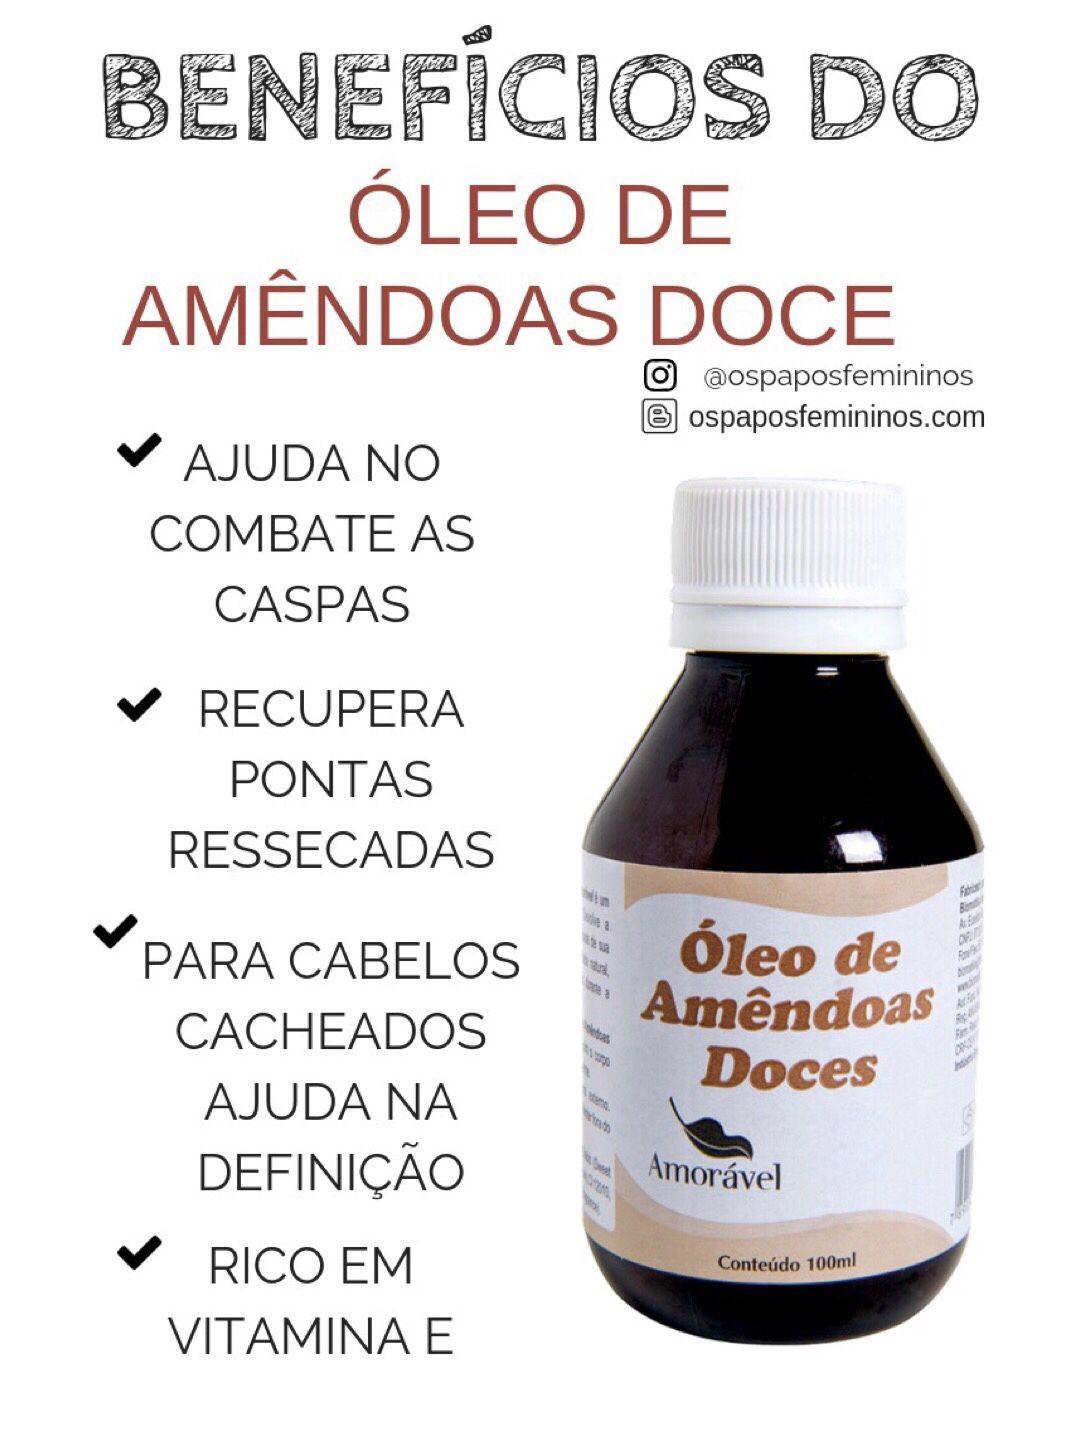 5309f1ce0 Já conhecia os benefícios do óleo de amêndoas doce? #cabelo #nutrição  #cronogramacapilar #cachos #dicasdebeleza #dicas #dicasdecabelo #blogueiras  # ...